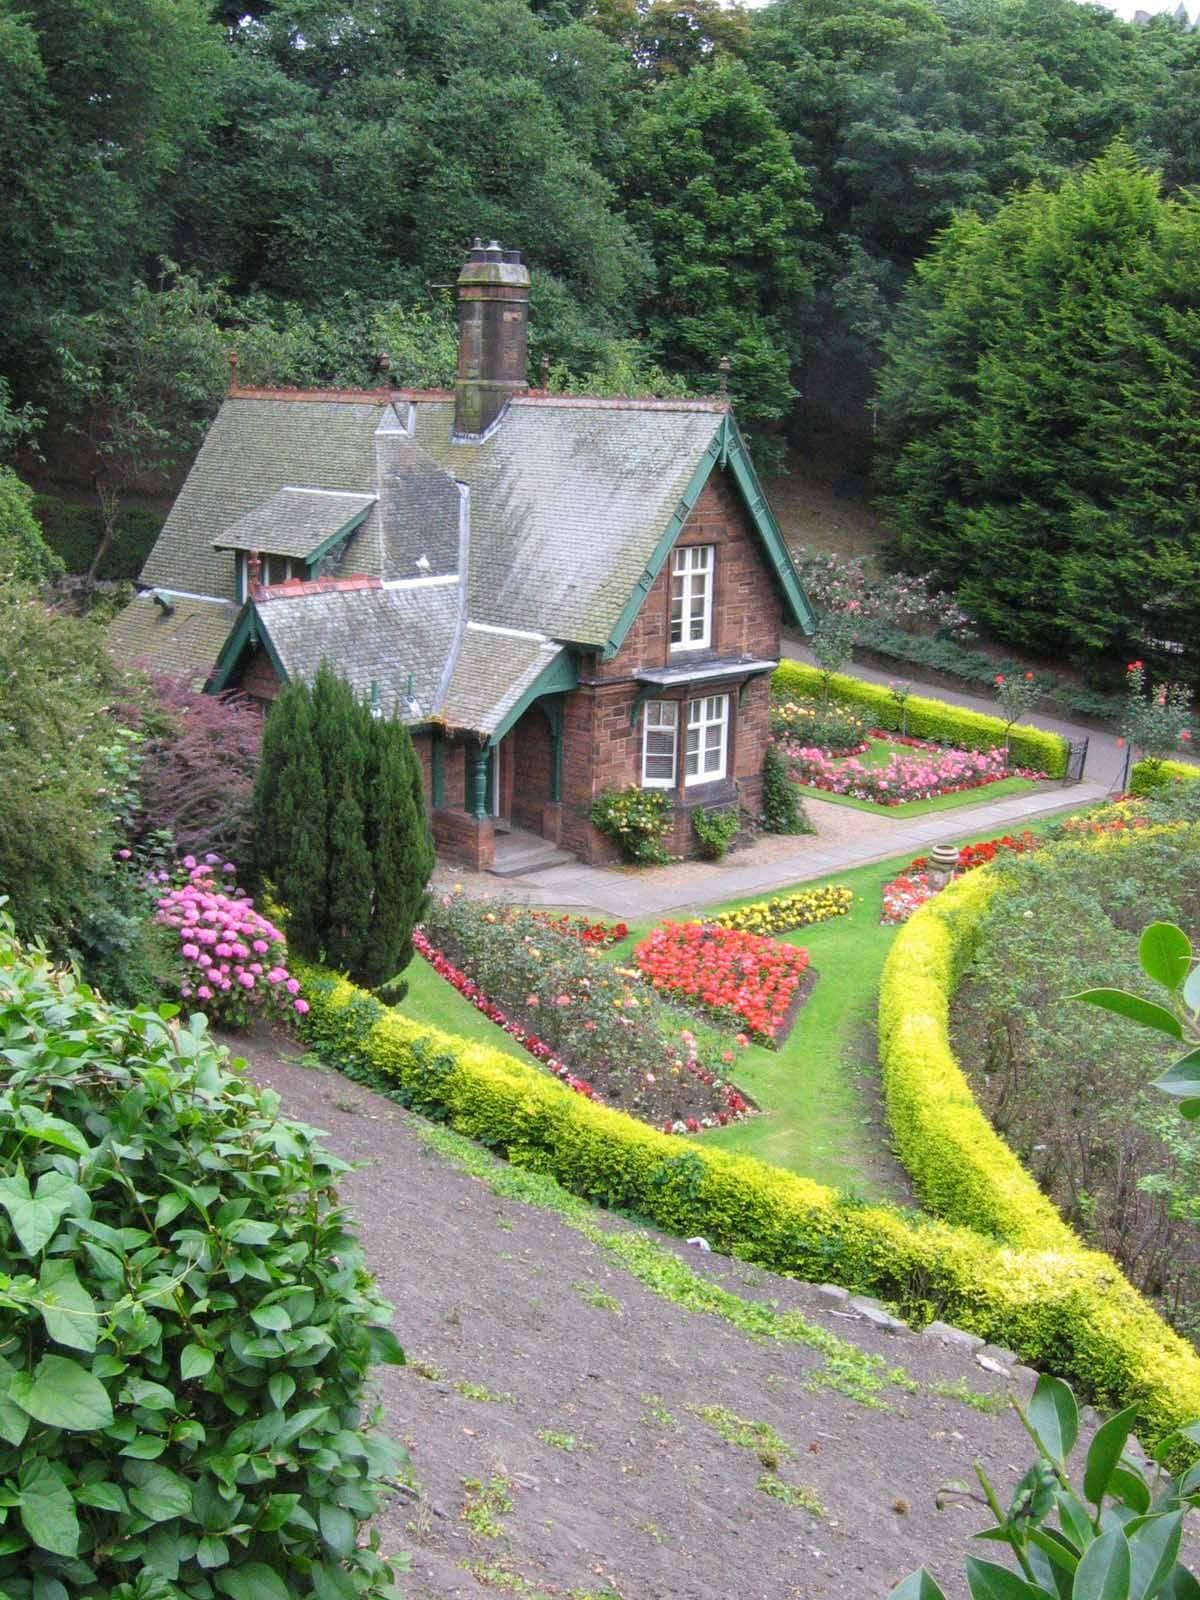 Prince's Garden Cottage